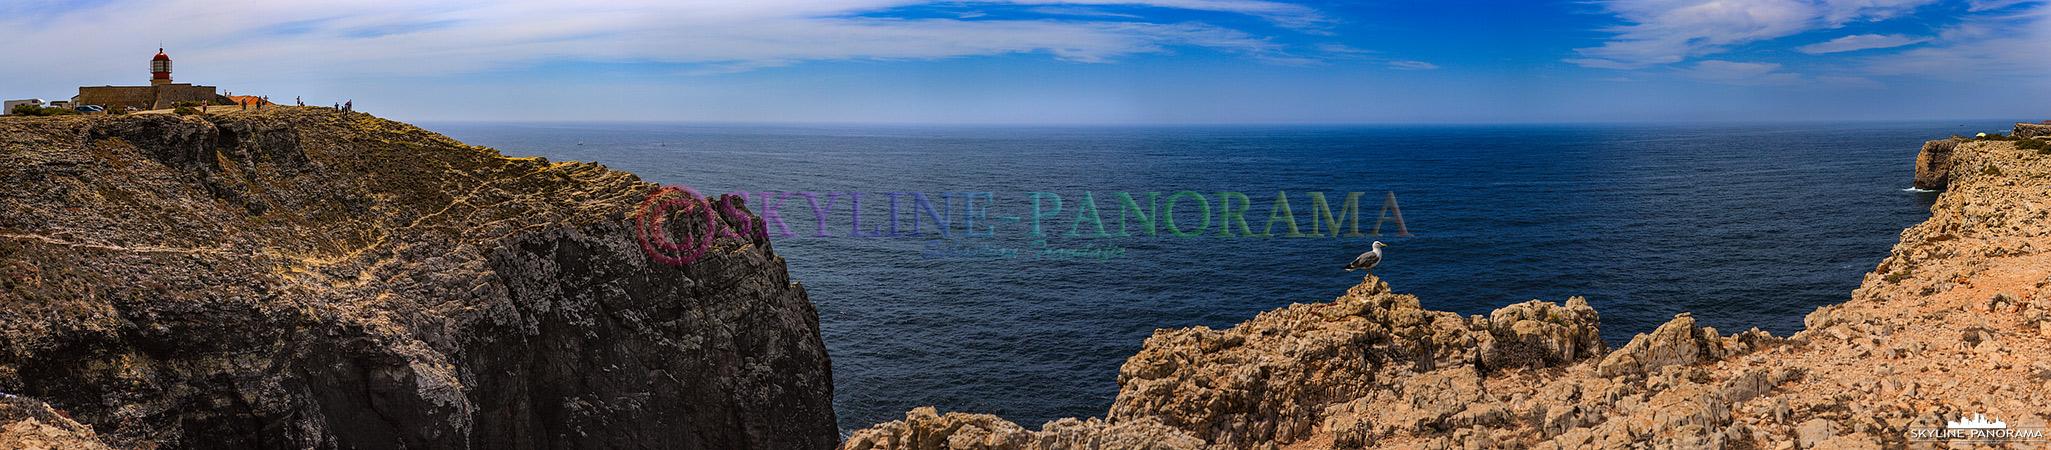 Portugal Bilder Algarve - Cabo de São Vicente ist der südwestliche Punkt Europas.